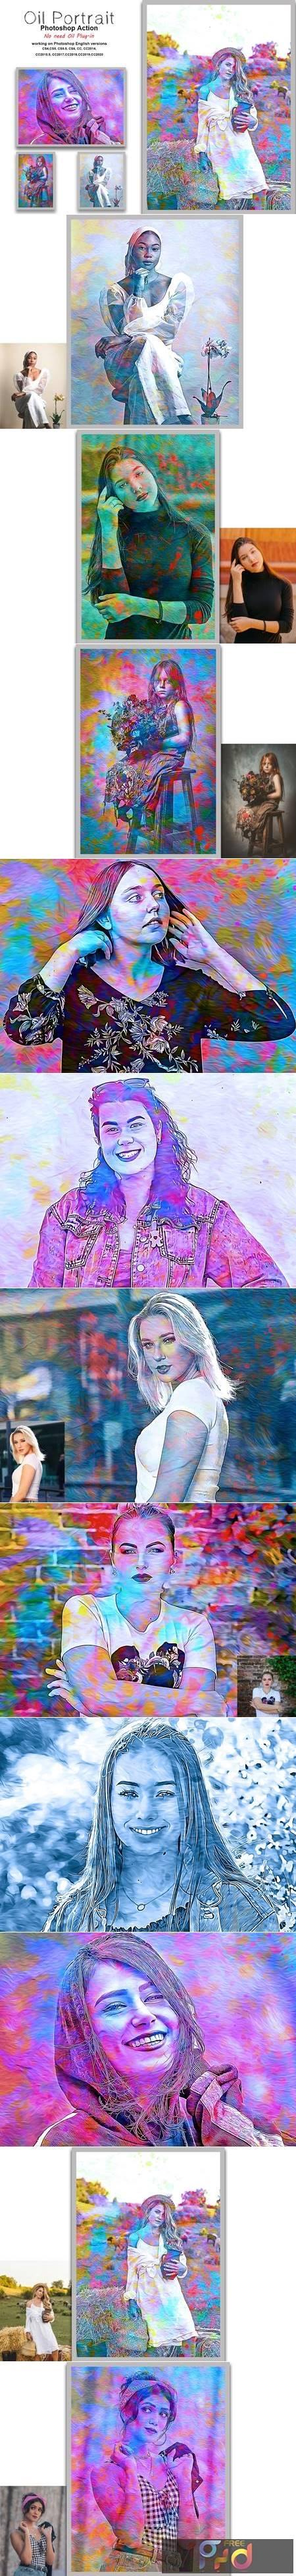 Oil Portrait Photoshop Action 5413622 1